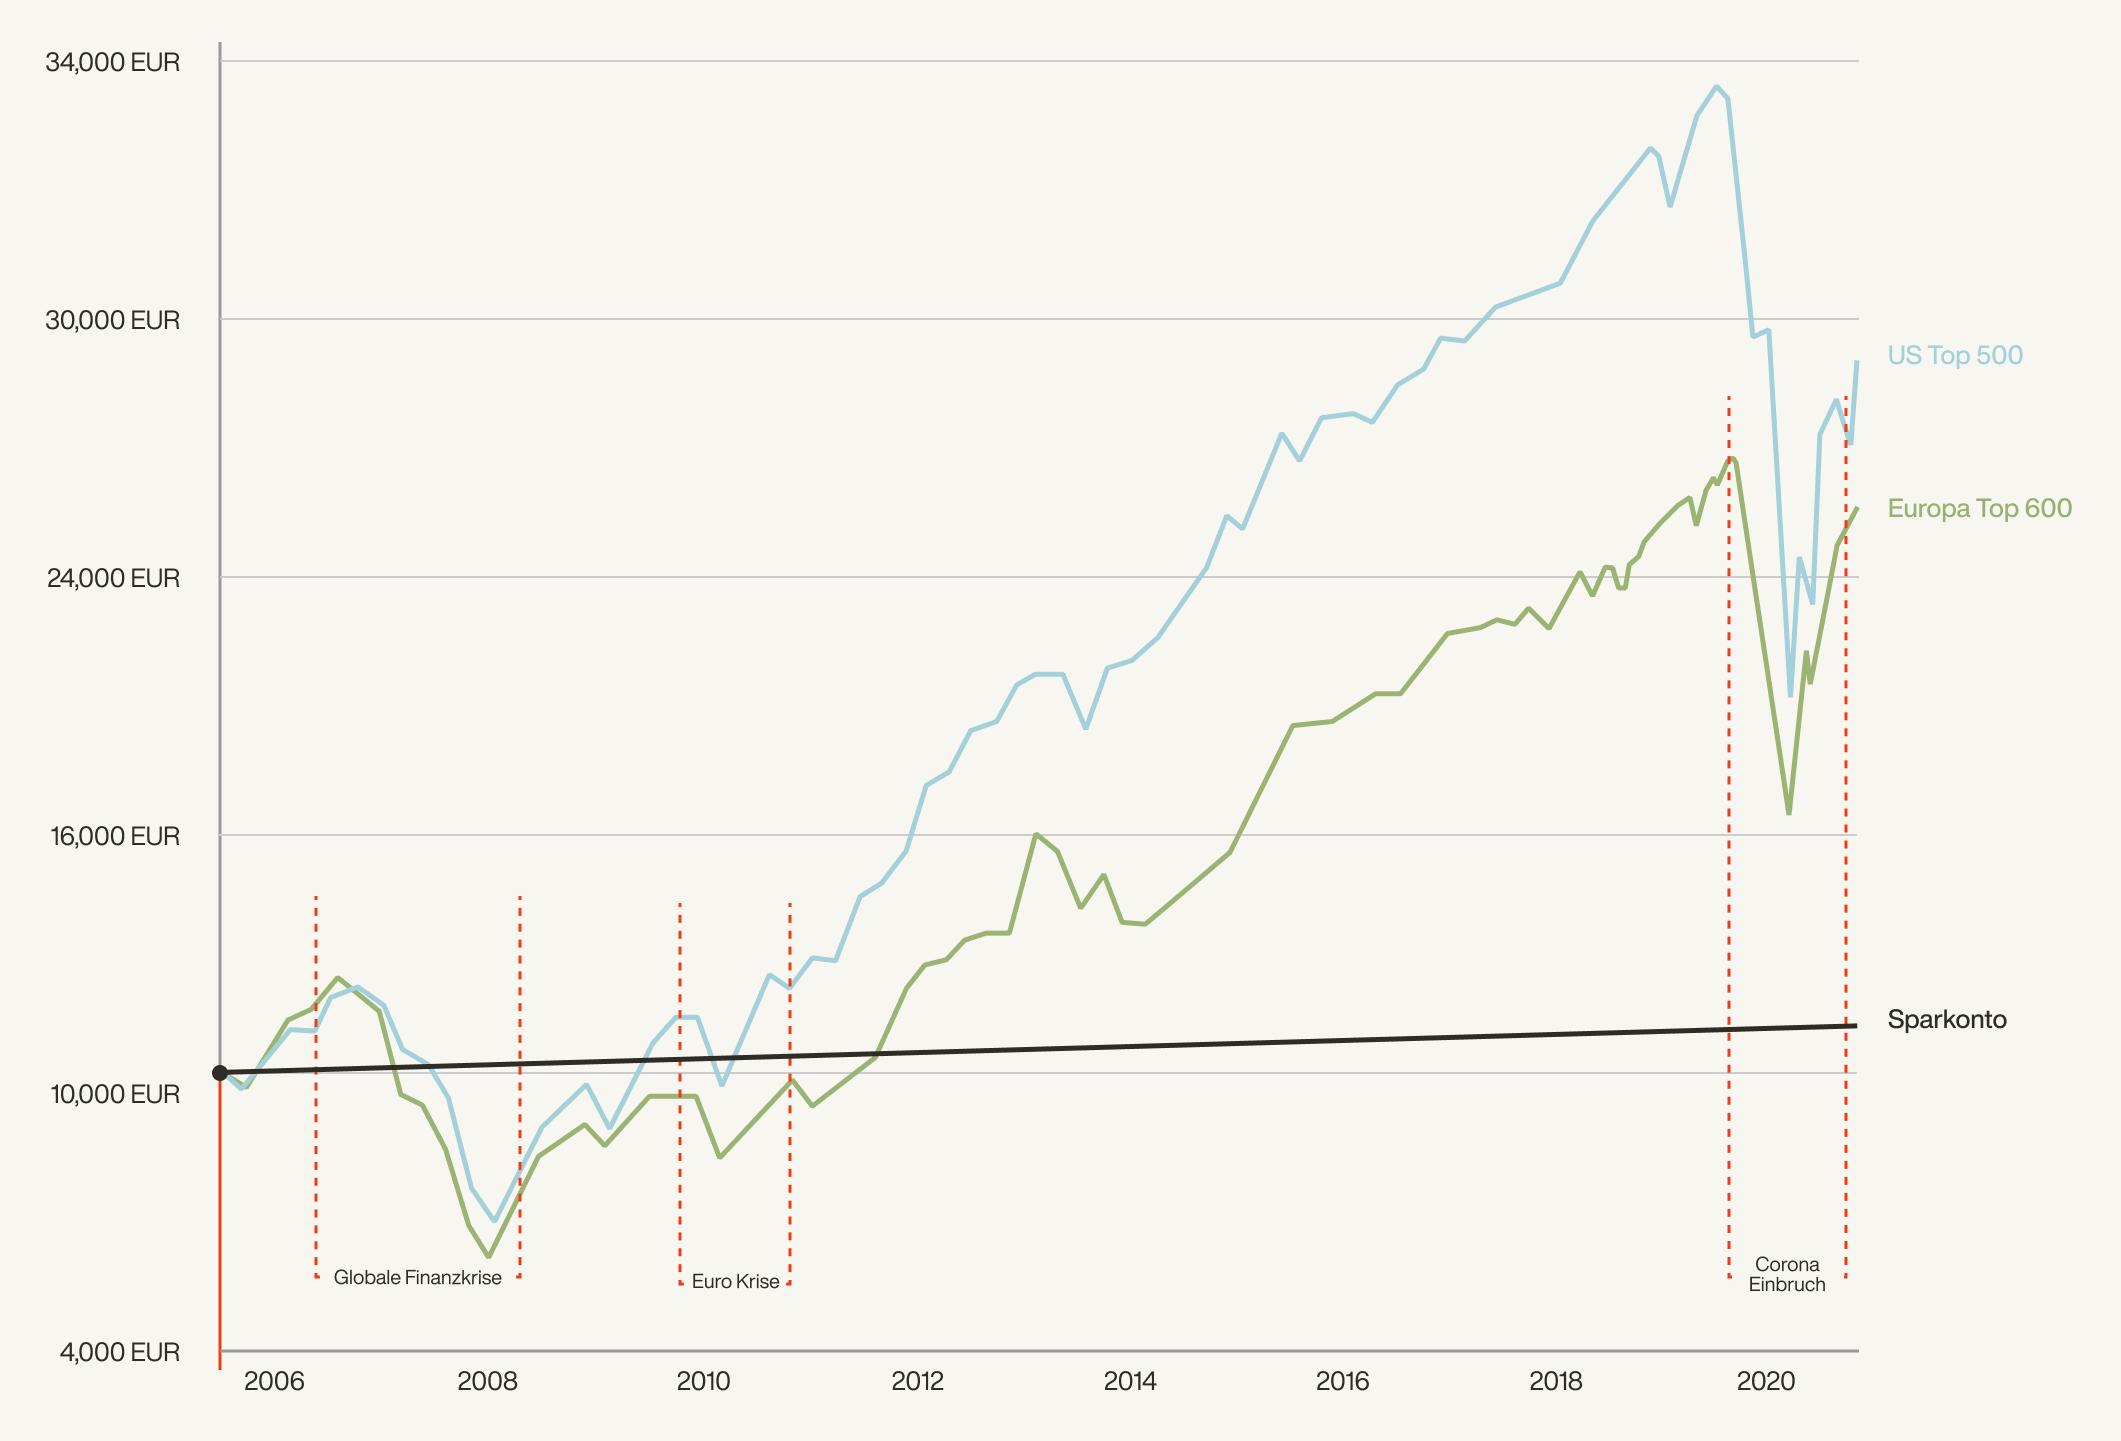 Grafik der Entwicklung der Aktienmarktwerte mit der Zeit